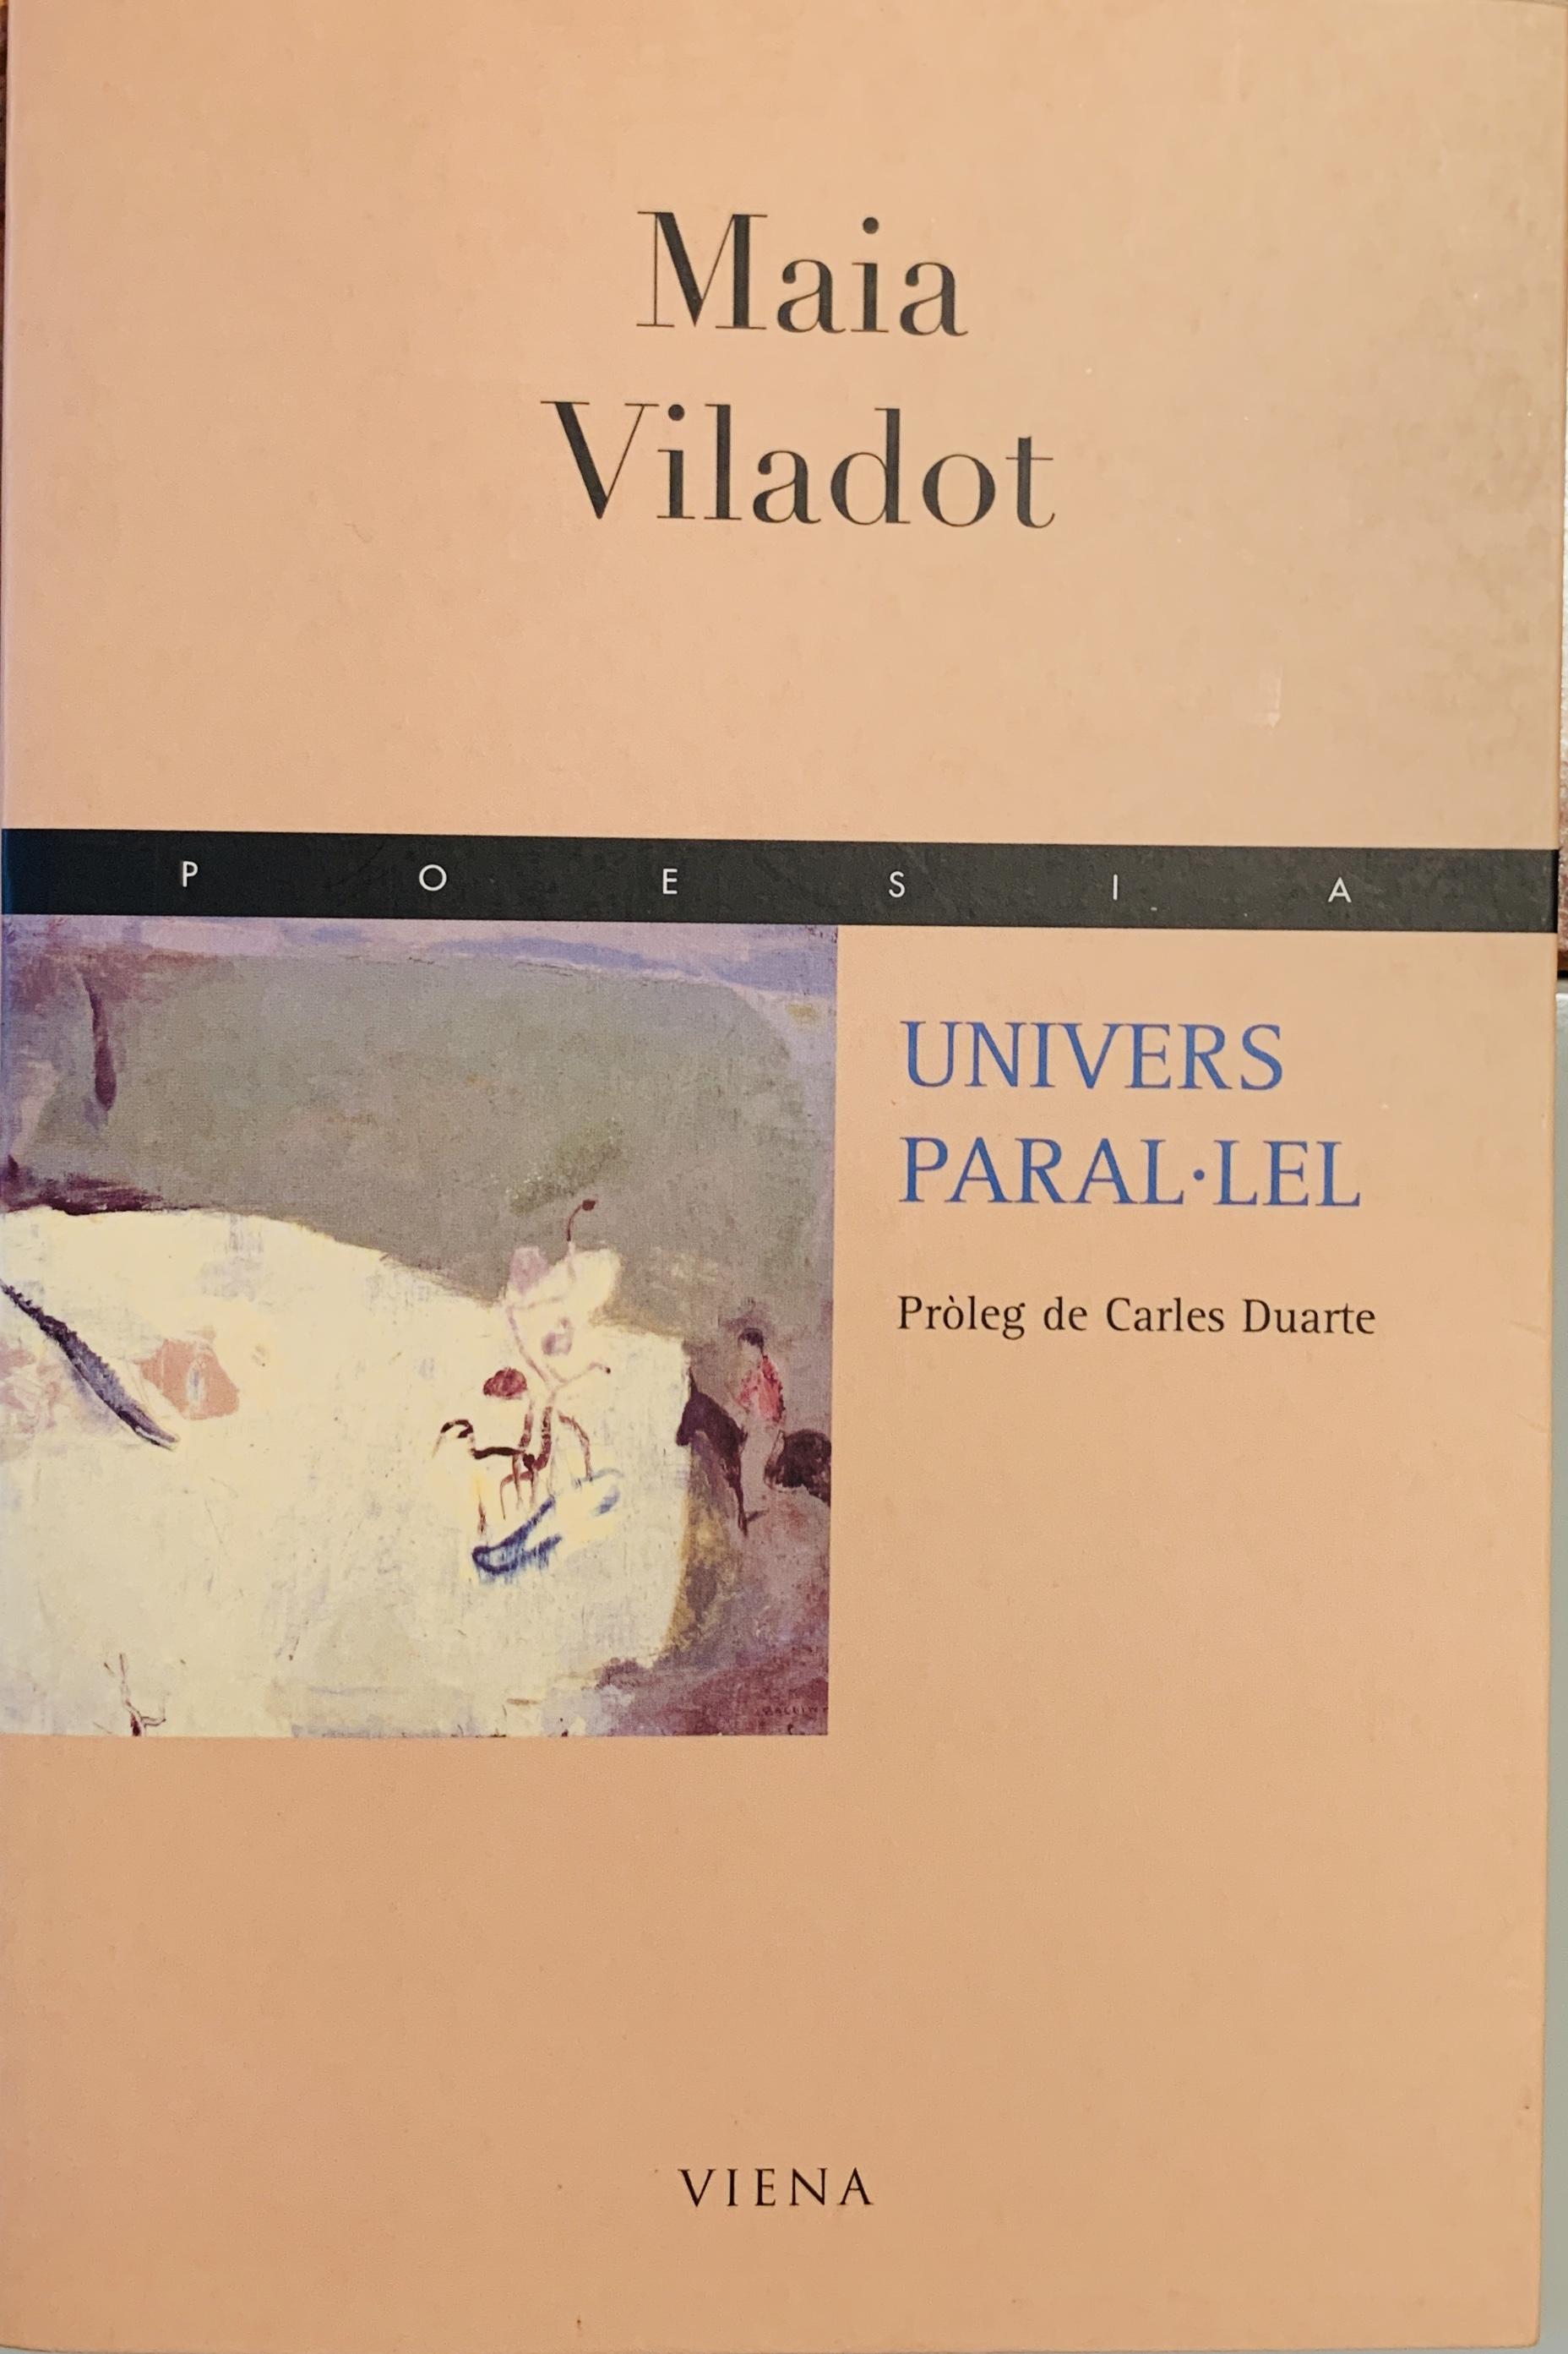 """Univers paral·lel.  Barcelona: Viena, 2001.  """"Tant a Ocell de tempesta com a Univers Paral·lel ens sorprèn el vigor estilístic, l'alè decidit, l'escriptura valenta que irromp amb força i que ens captiva, la confluència de reflexió i sensualitat que ens atreu intensament i que ens estira, pàgina rere pàgina, fins a exhaurir la lectura del volum. [...]"""". Carles Duarte   Comprar aquí"""